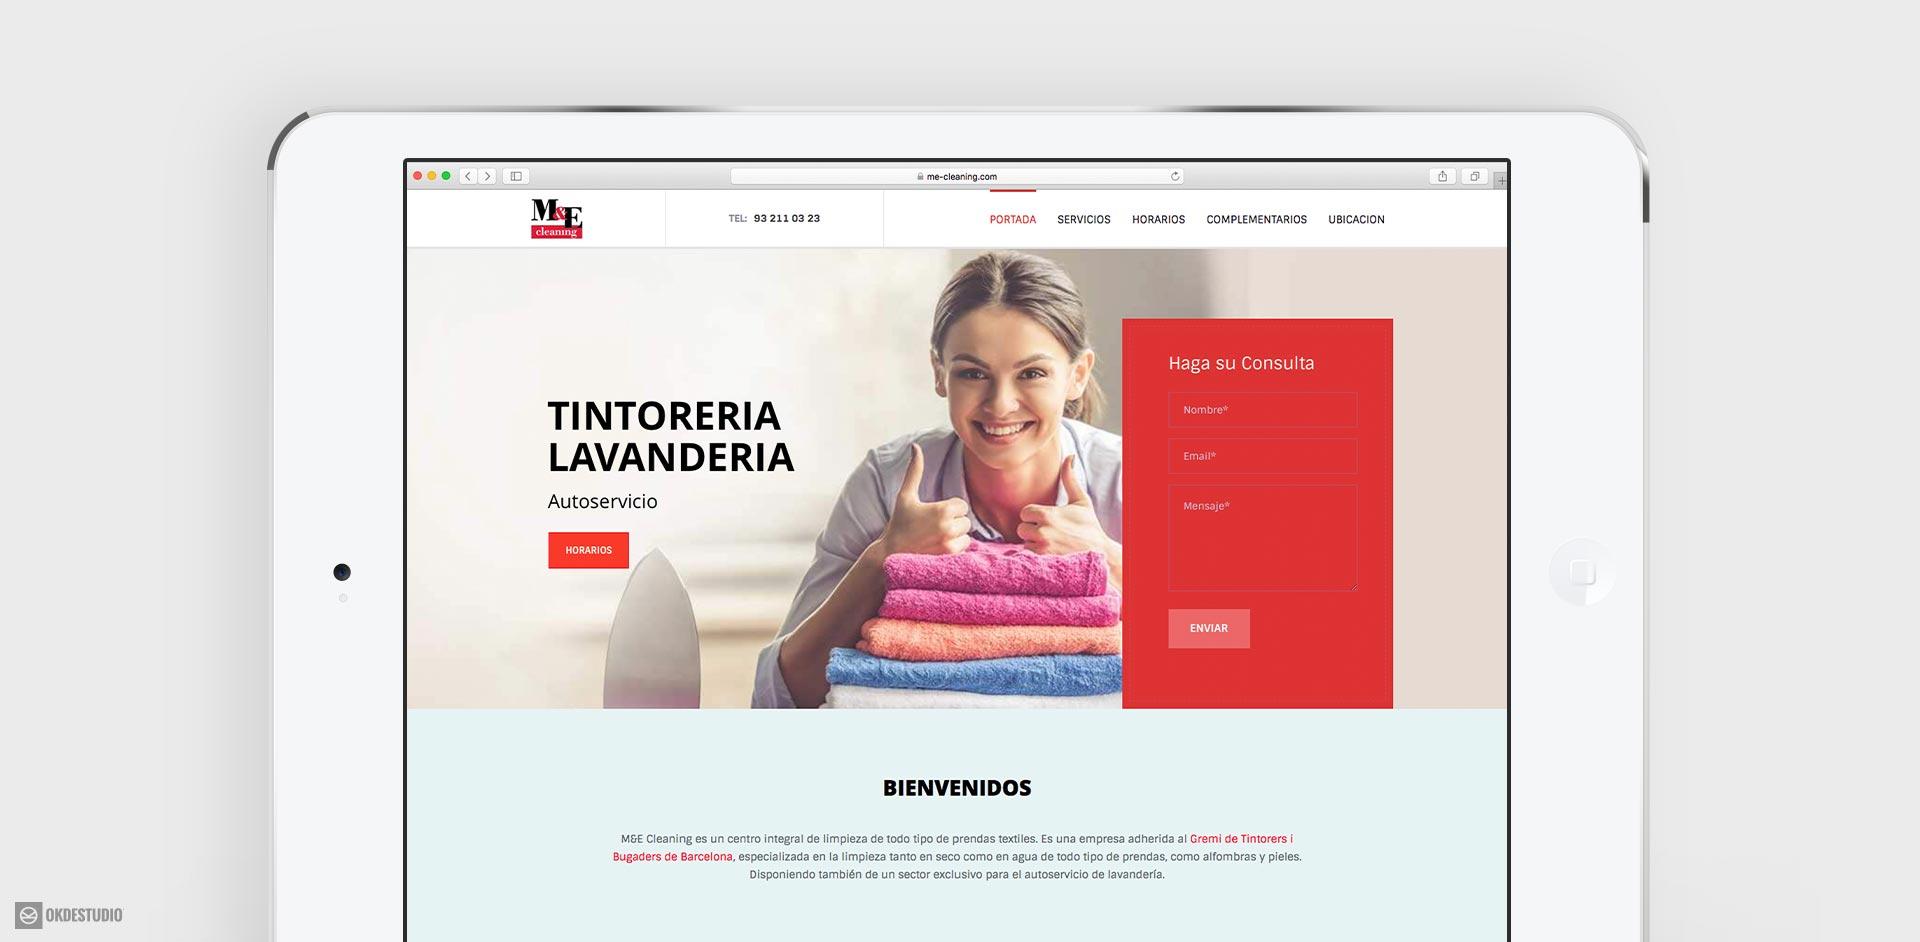 diseño y desarrollo de landing page, pagina web, para M & E Cleaning, tintorería, Barcelona, España by Okd estudio